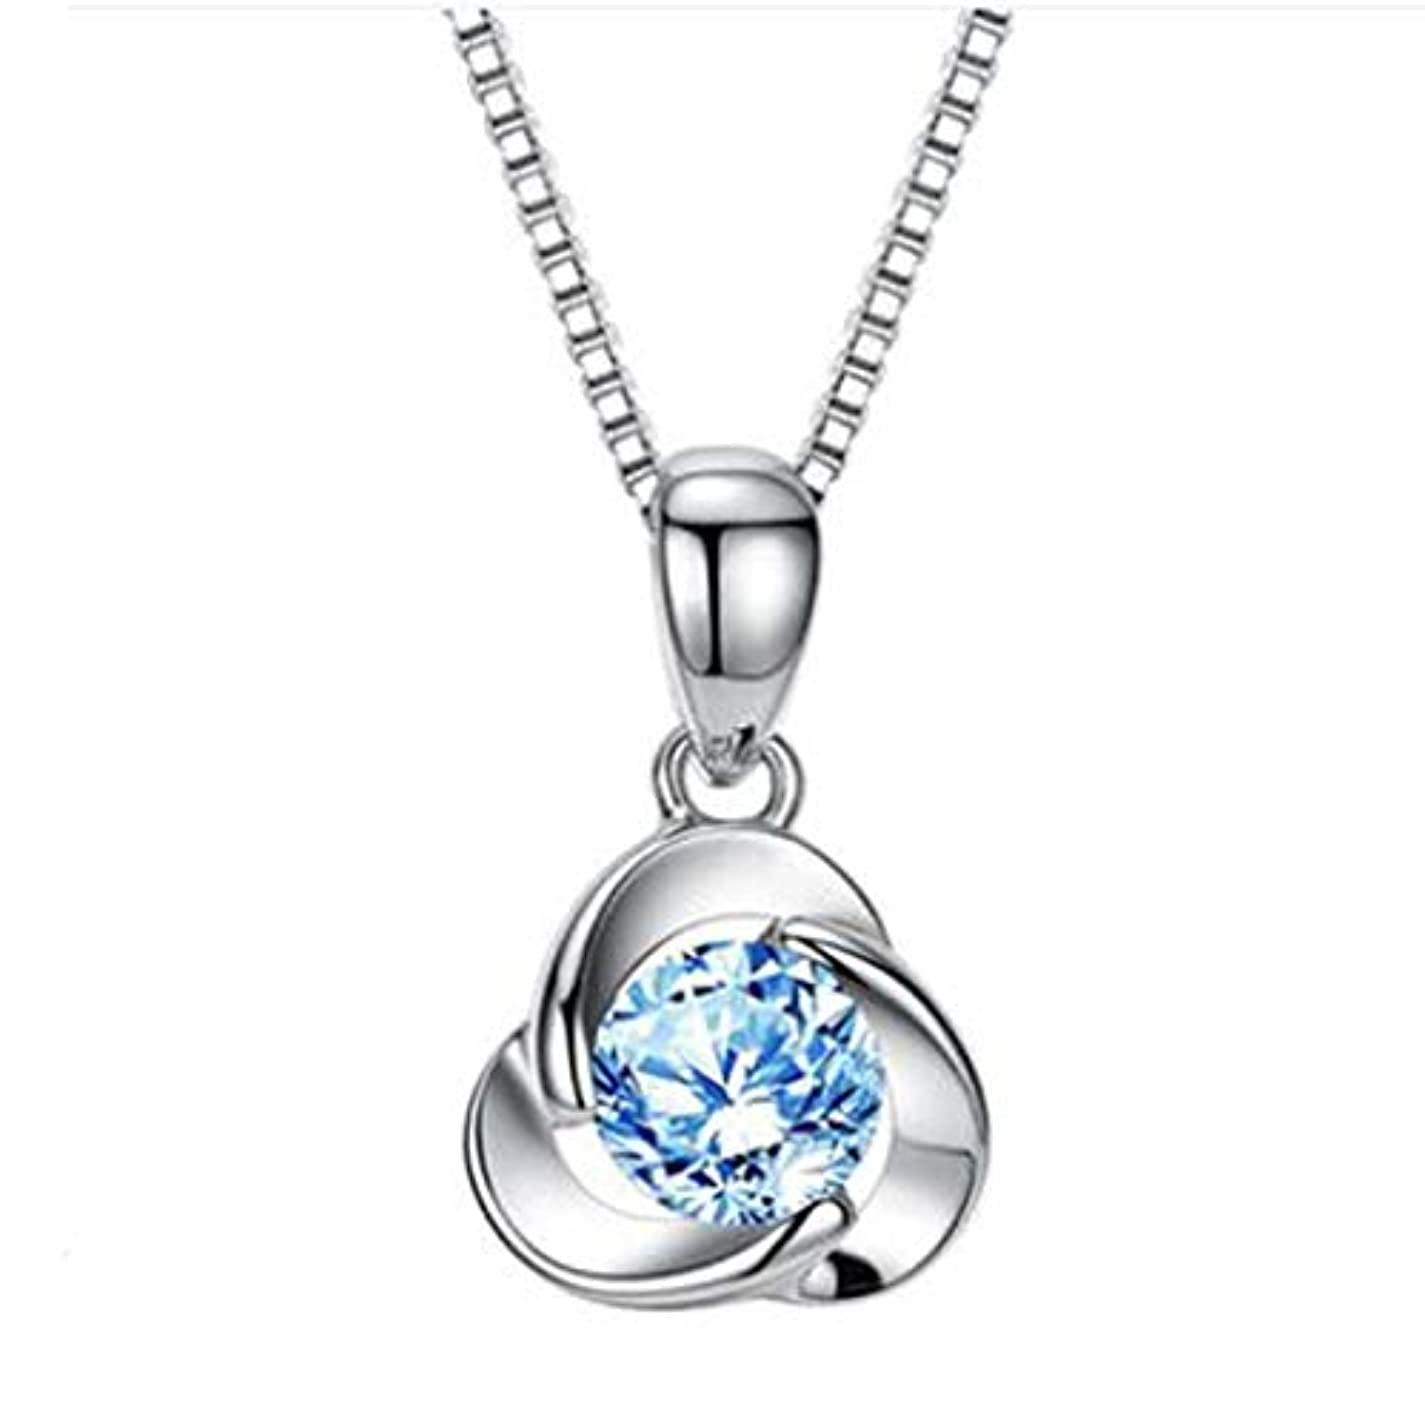 乳白チャーター永久にHongyushanghang ガールフレンドの妻の誕生日プレゼントを送る女性実用クリエイティブロマンチックな特別な心小さな贈り物,、ジュエリークリエイティブホリデーギフトを掛ける (Color : Blue)